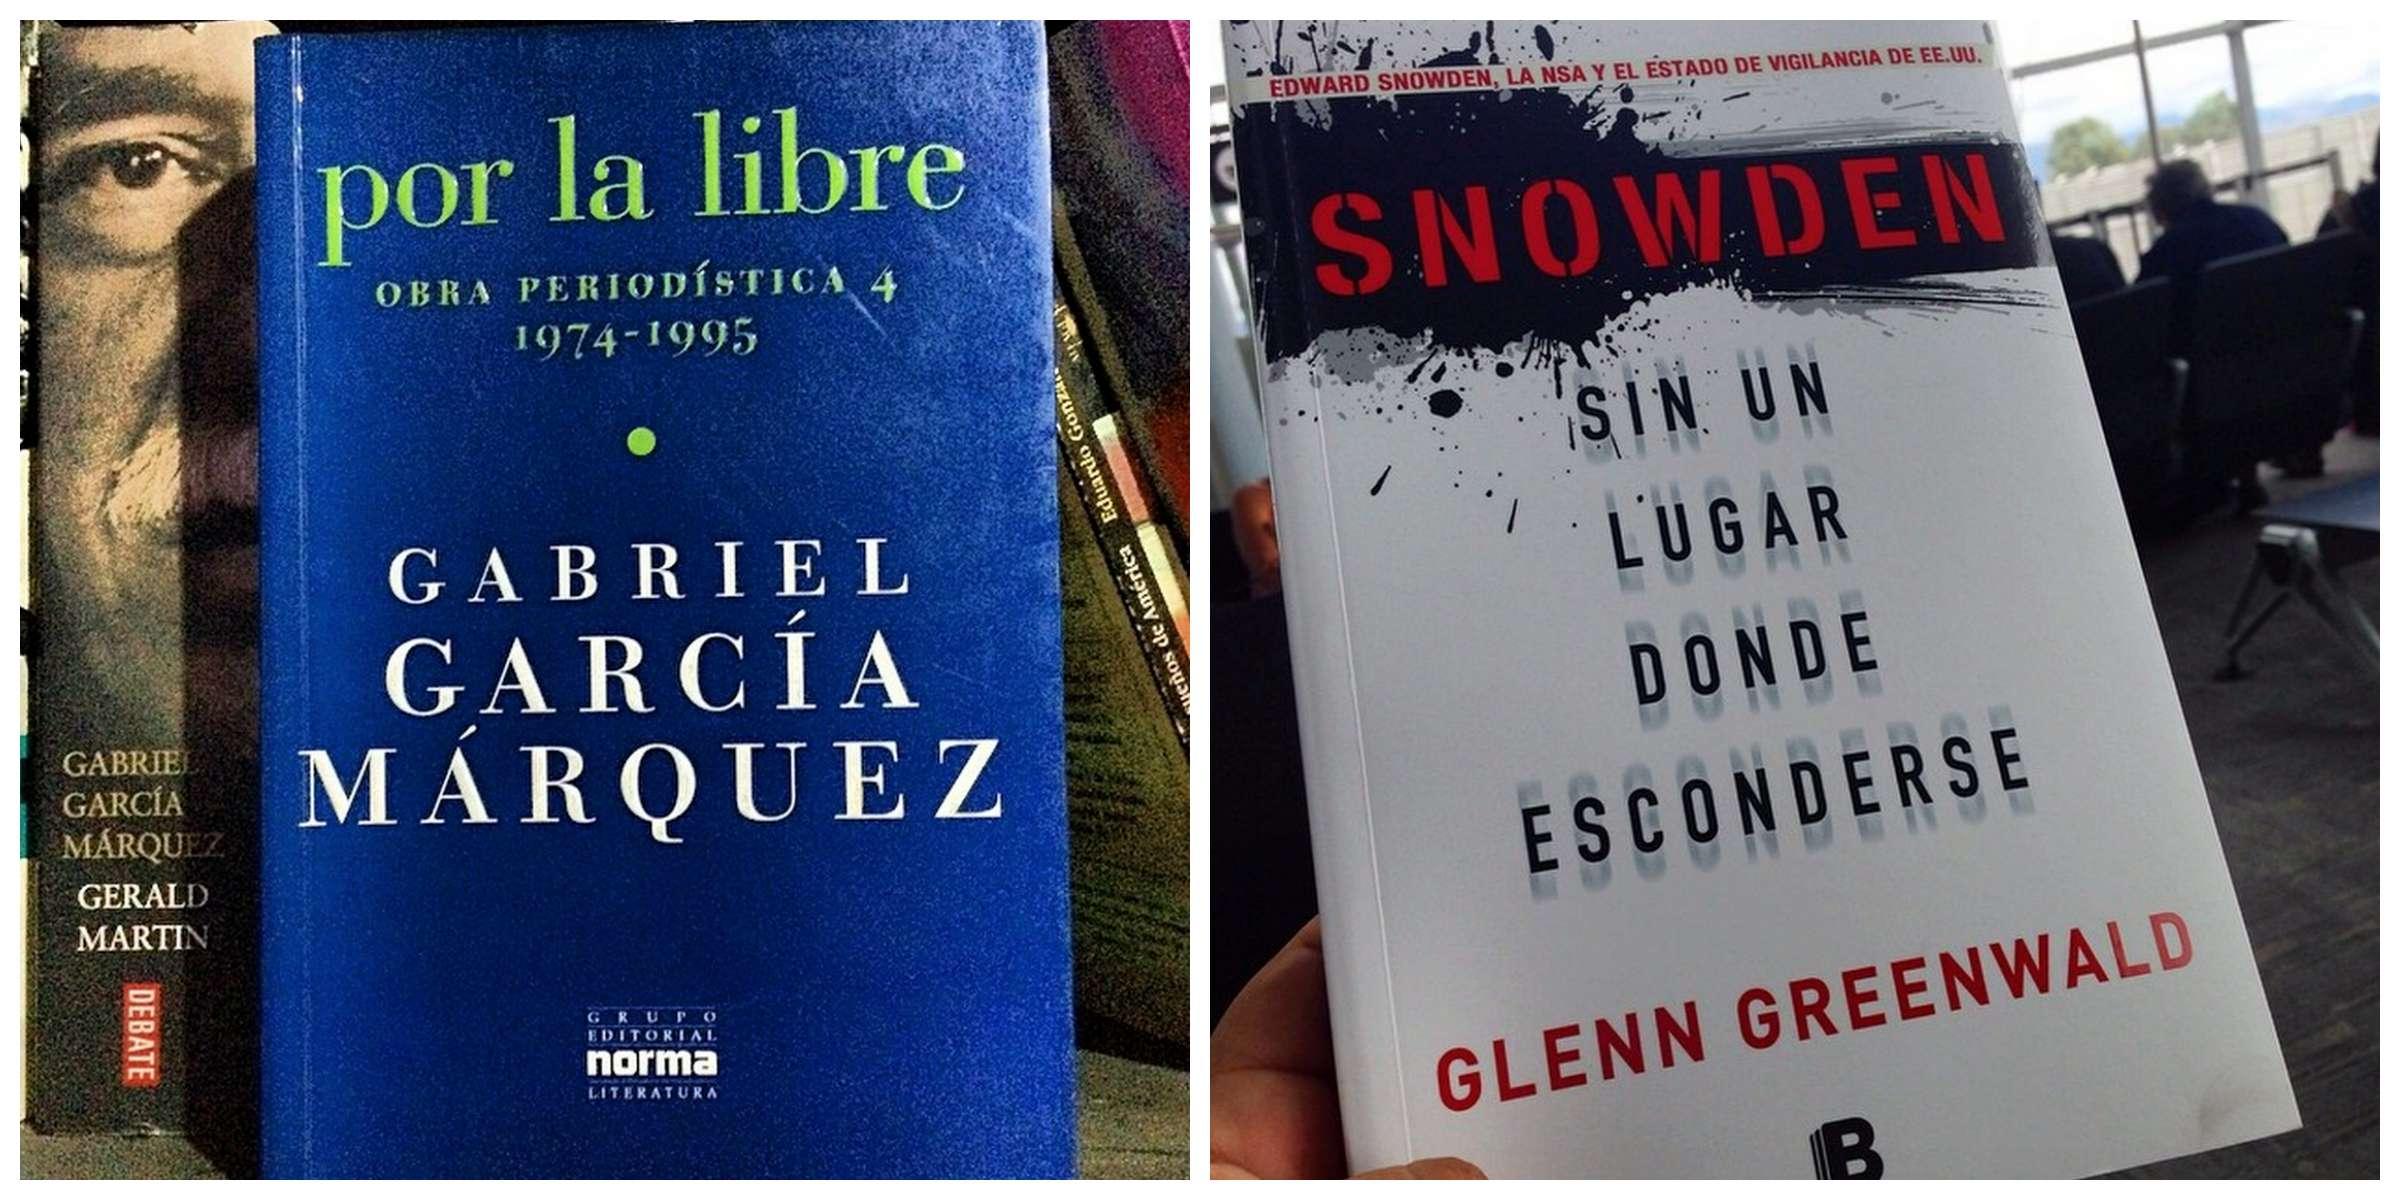 Periodistas libros